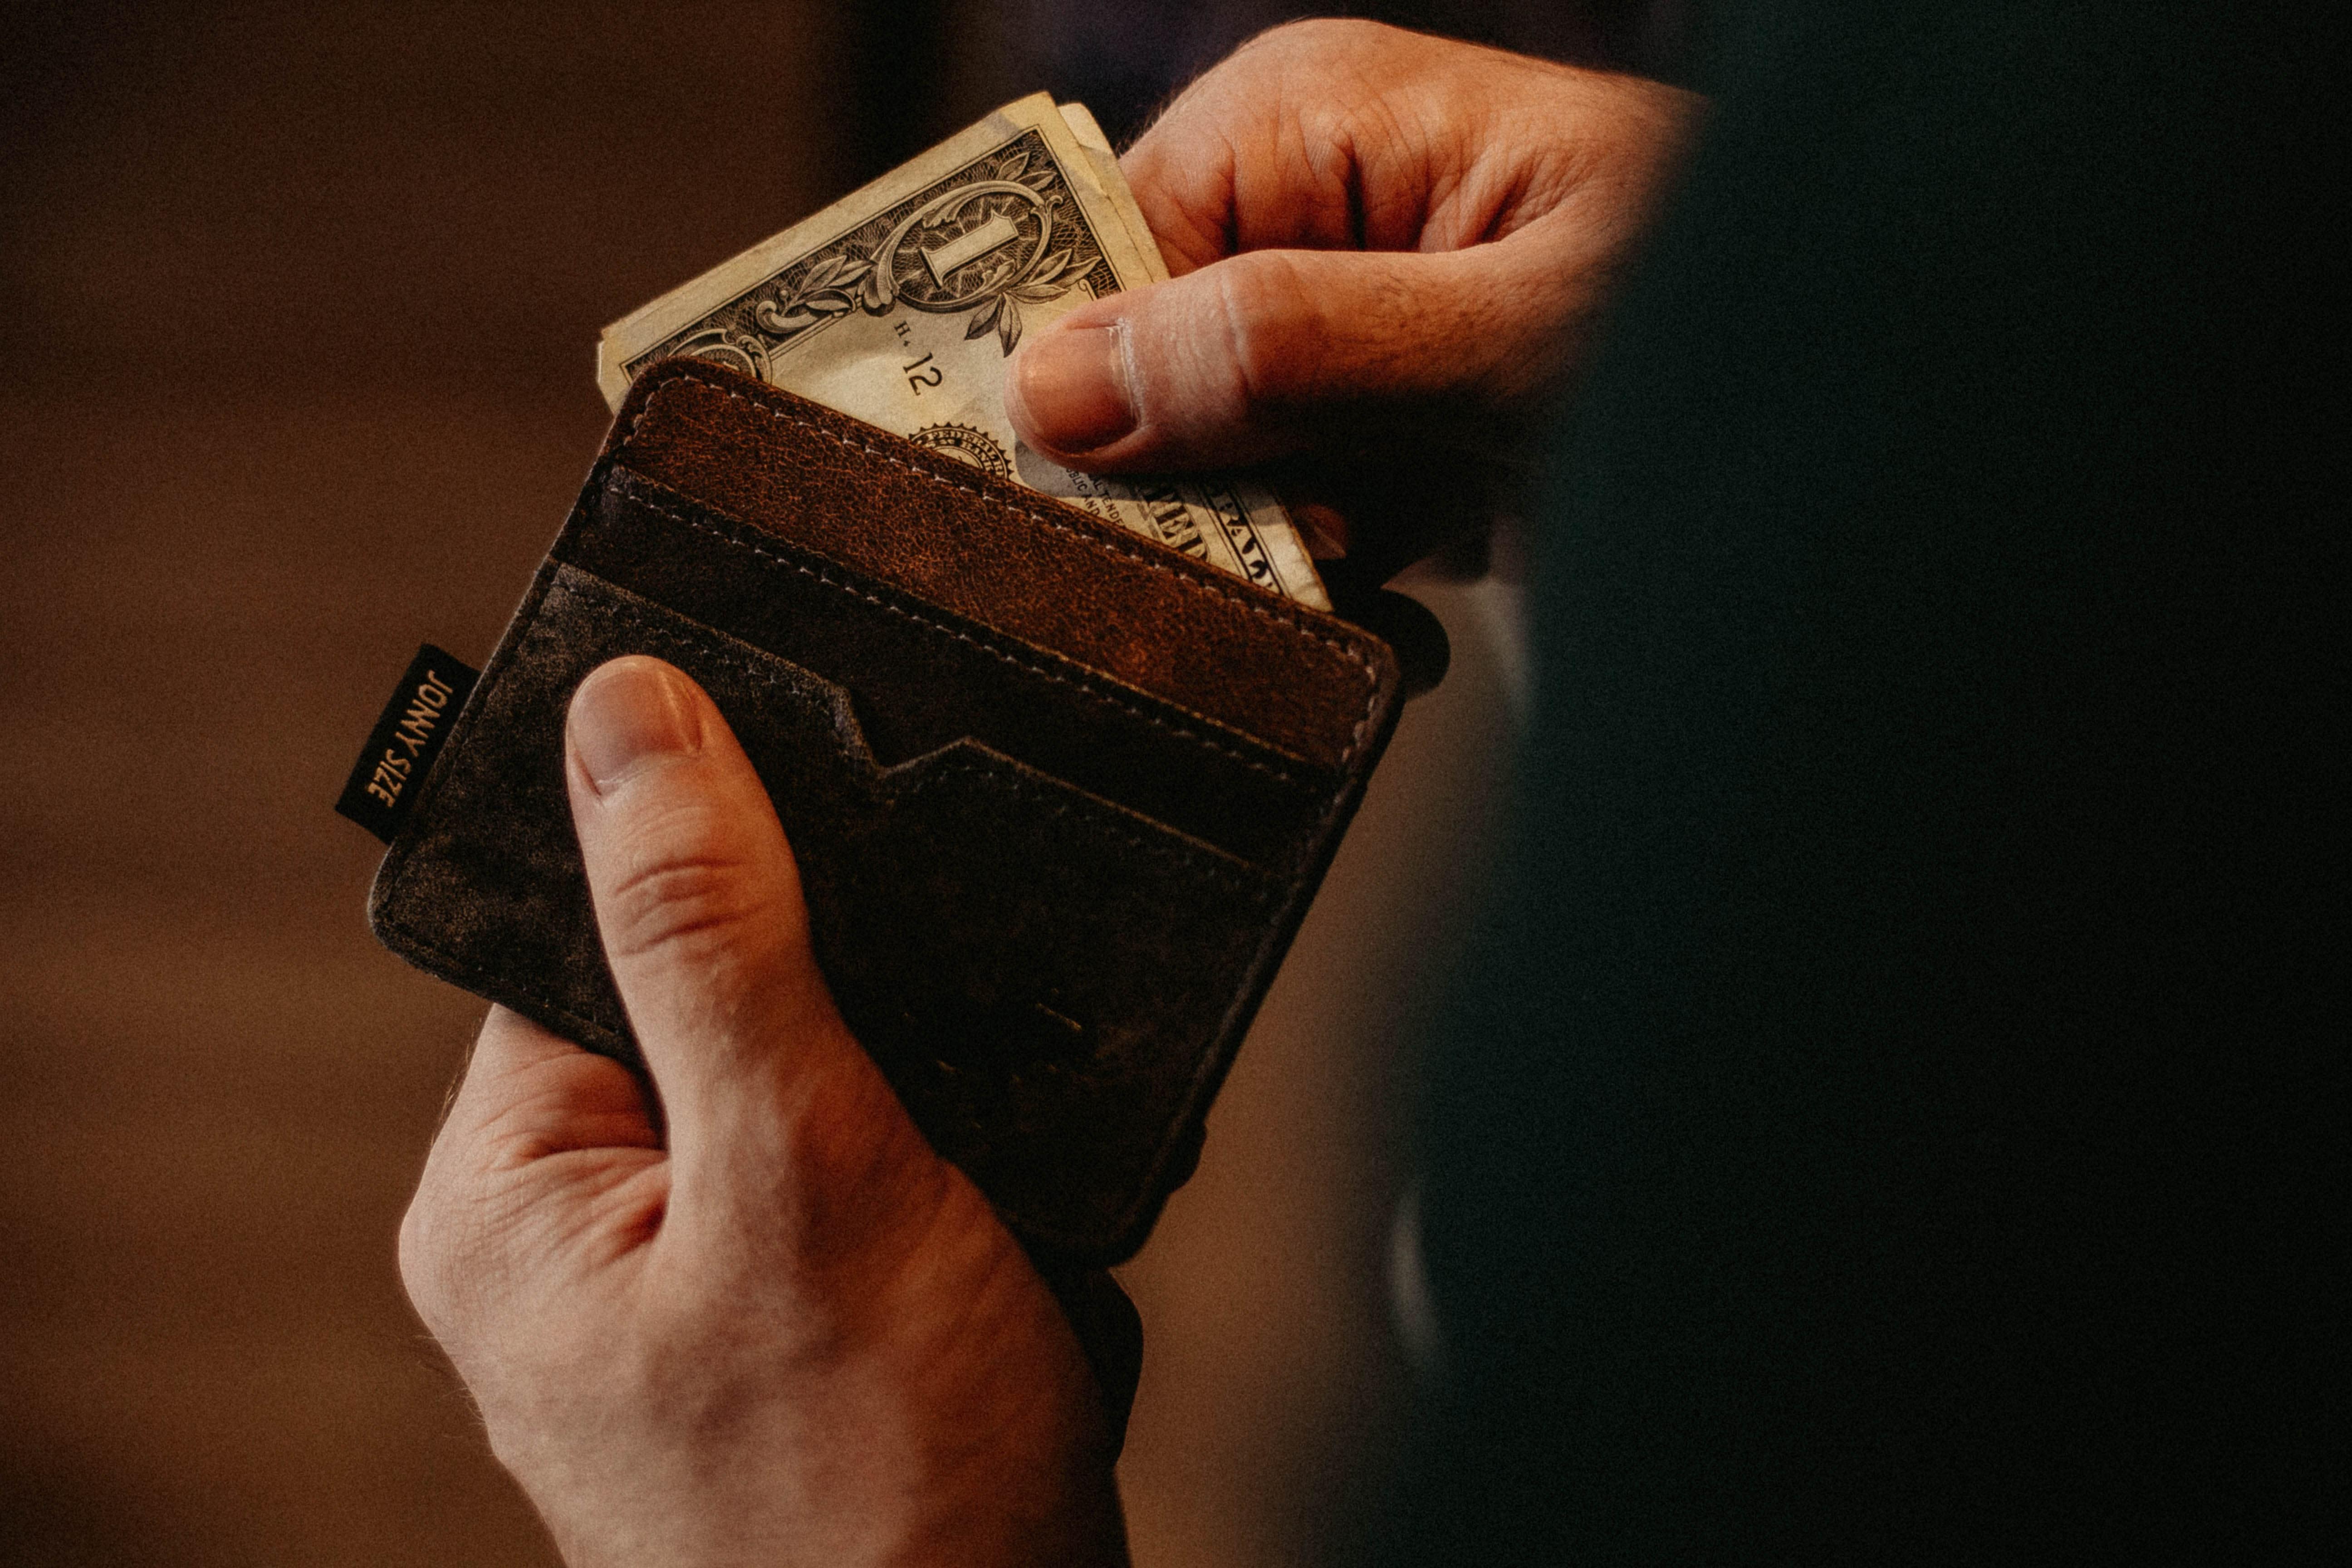 A imagem mostra uma carteira de couro marrom com uma nota sendo puxada pelas mãos de um homem, ilustrando o tema do texto